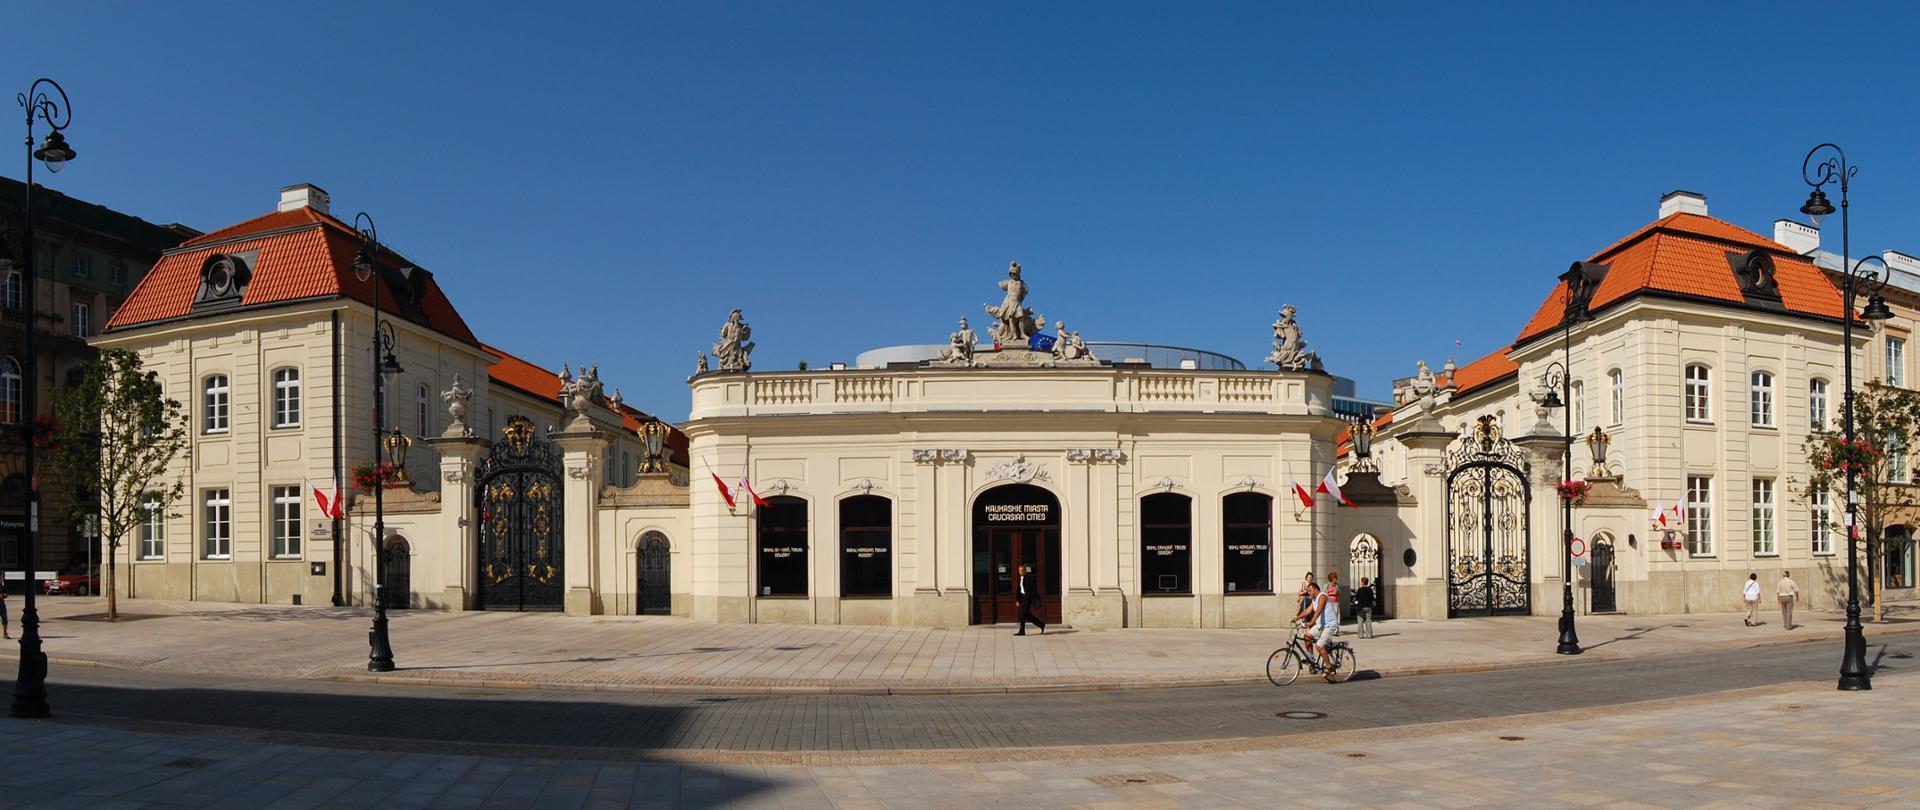 Pałac potockich siedziba MKiDN